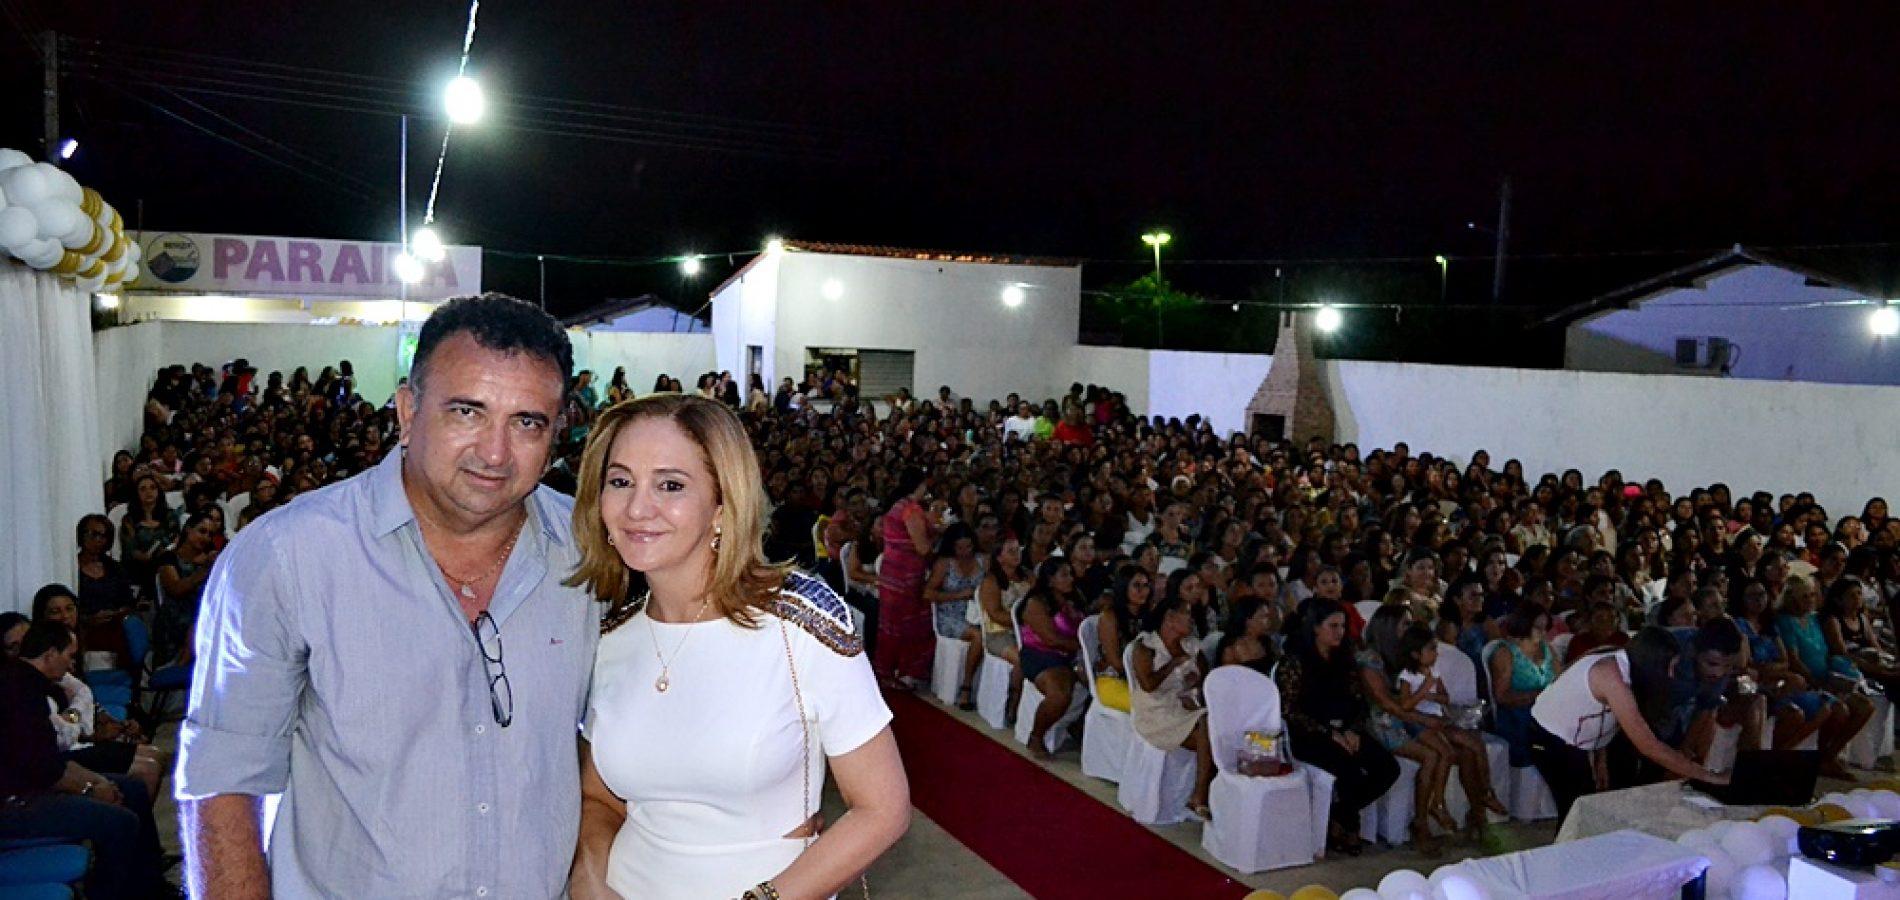 Confira fotos da festa em homenagem ao Dia das Mães em Campo Grande do PI